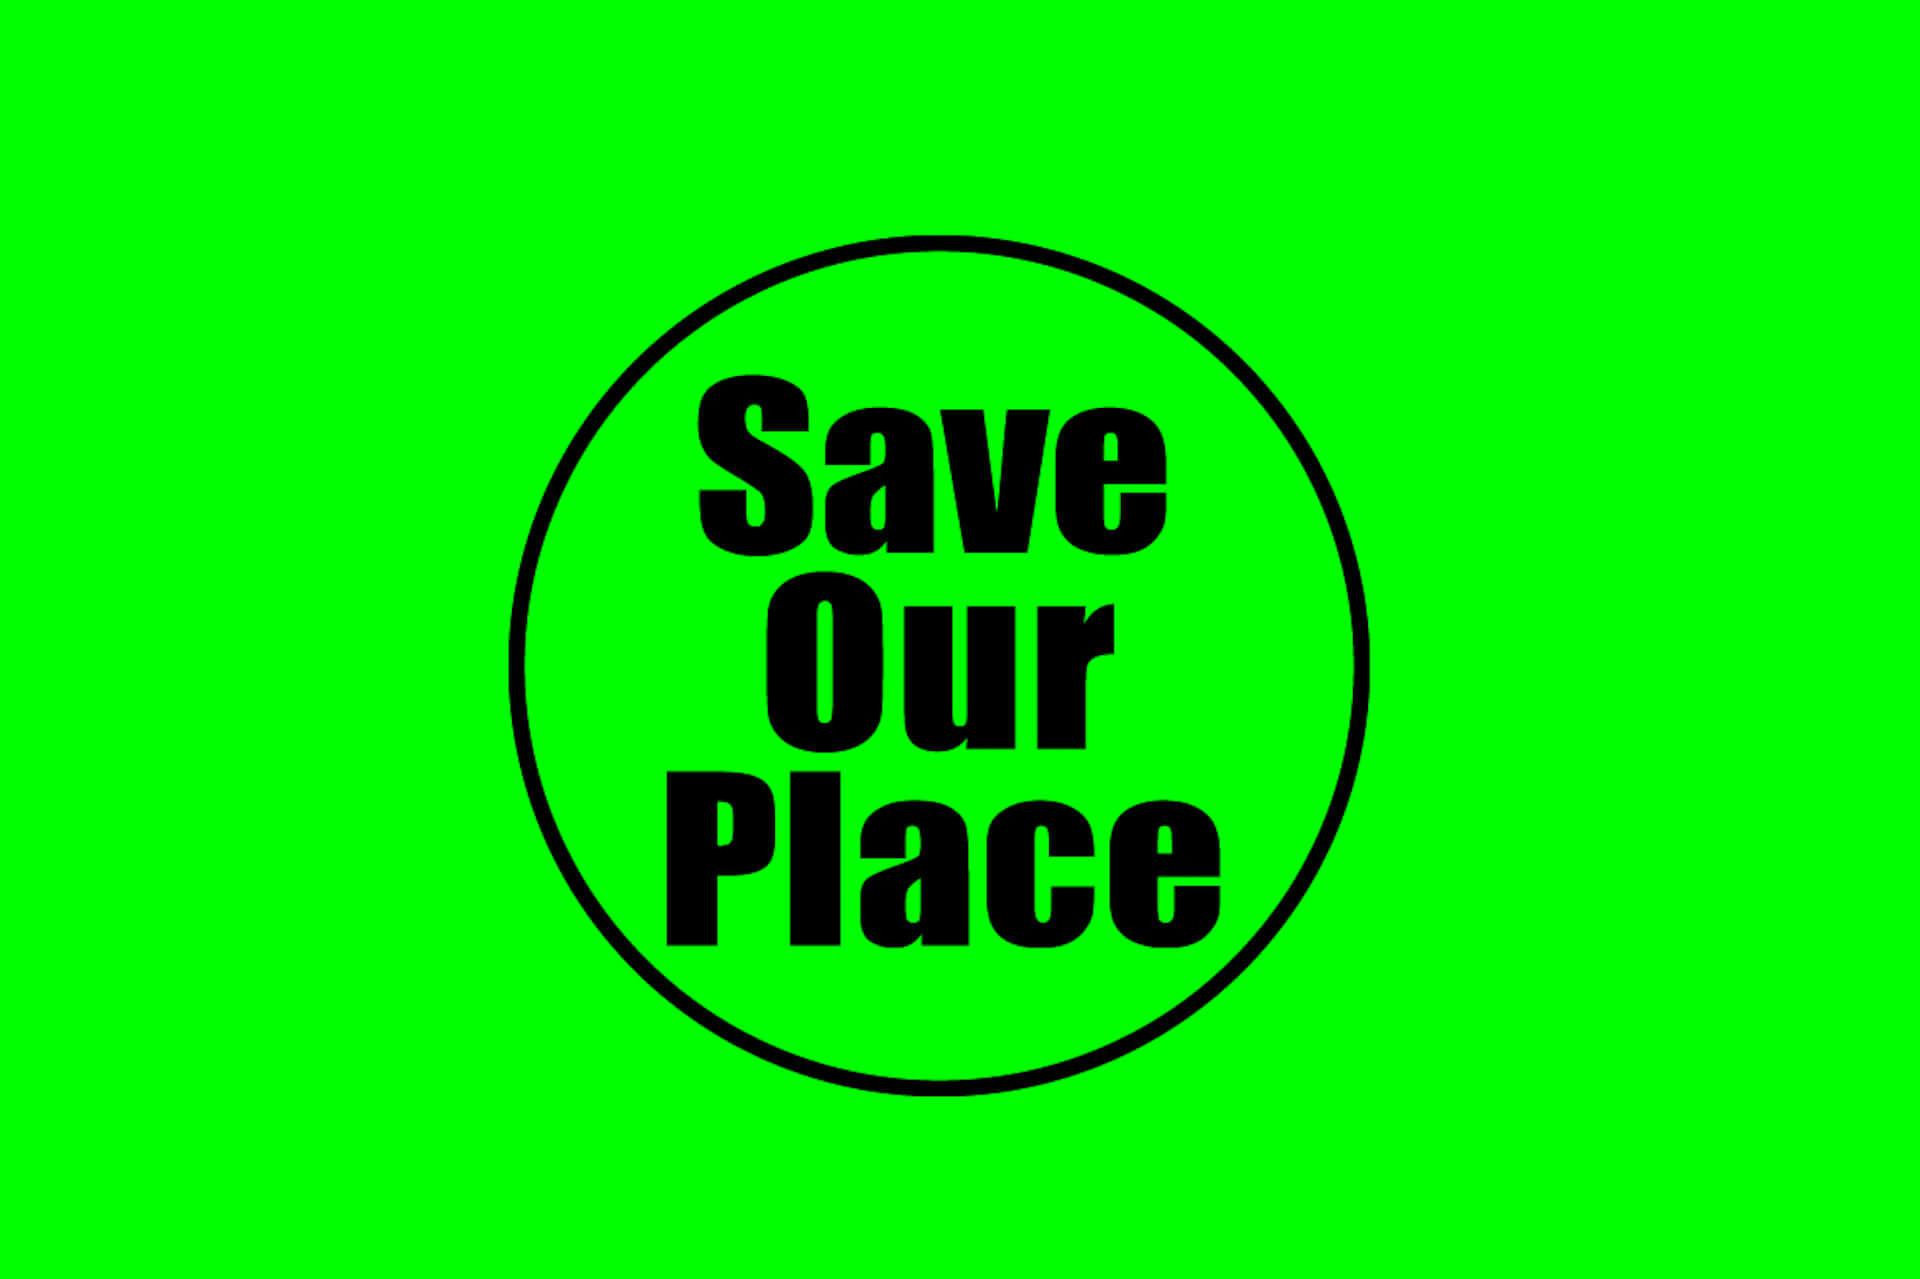 未リリース音源の売上をライブハウスへ|OTOTOYが施設支援企画「Save Our Place」を始動 music200403_saveourplace_1-1920x1279